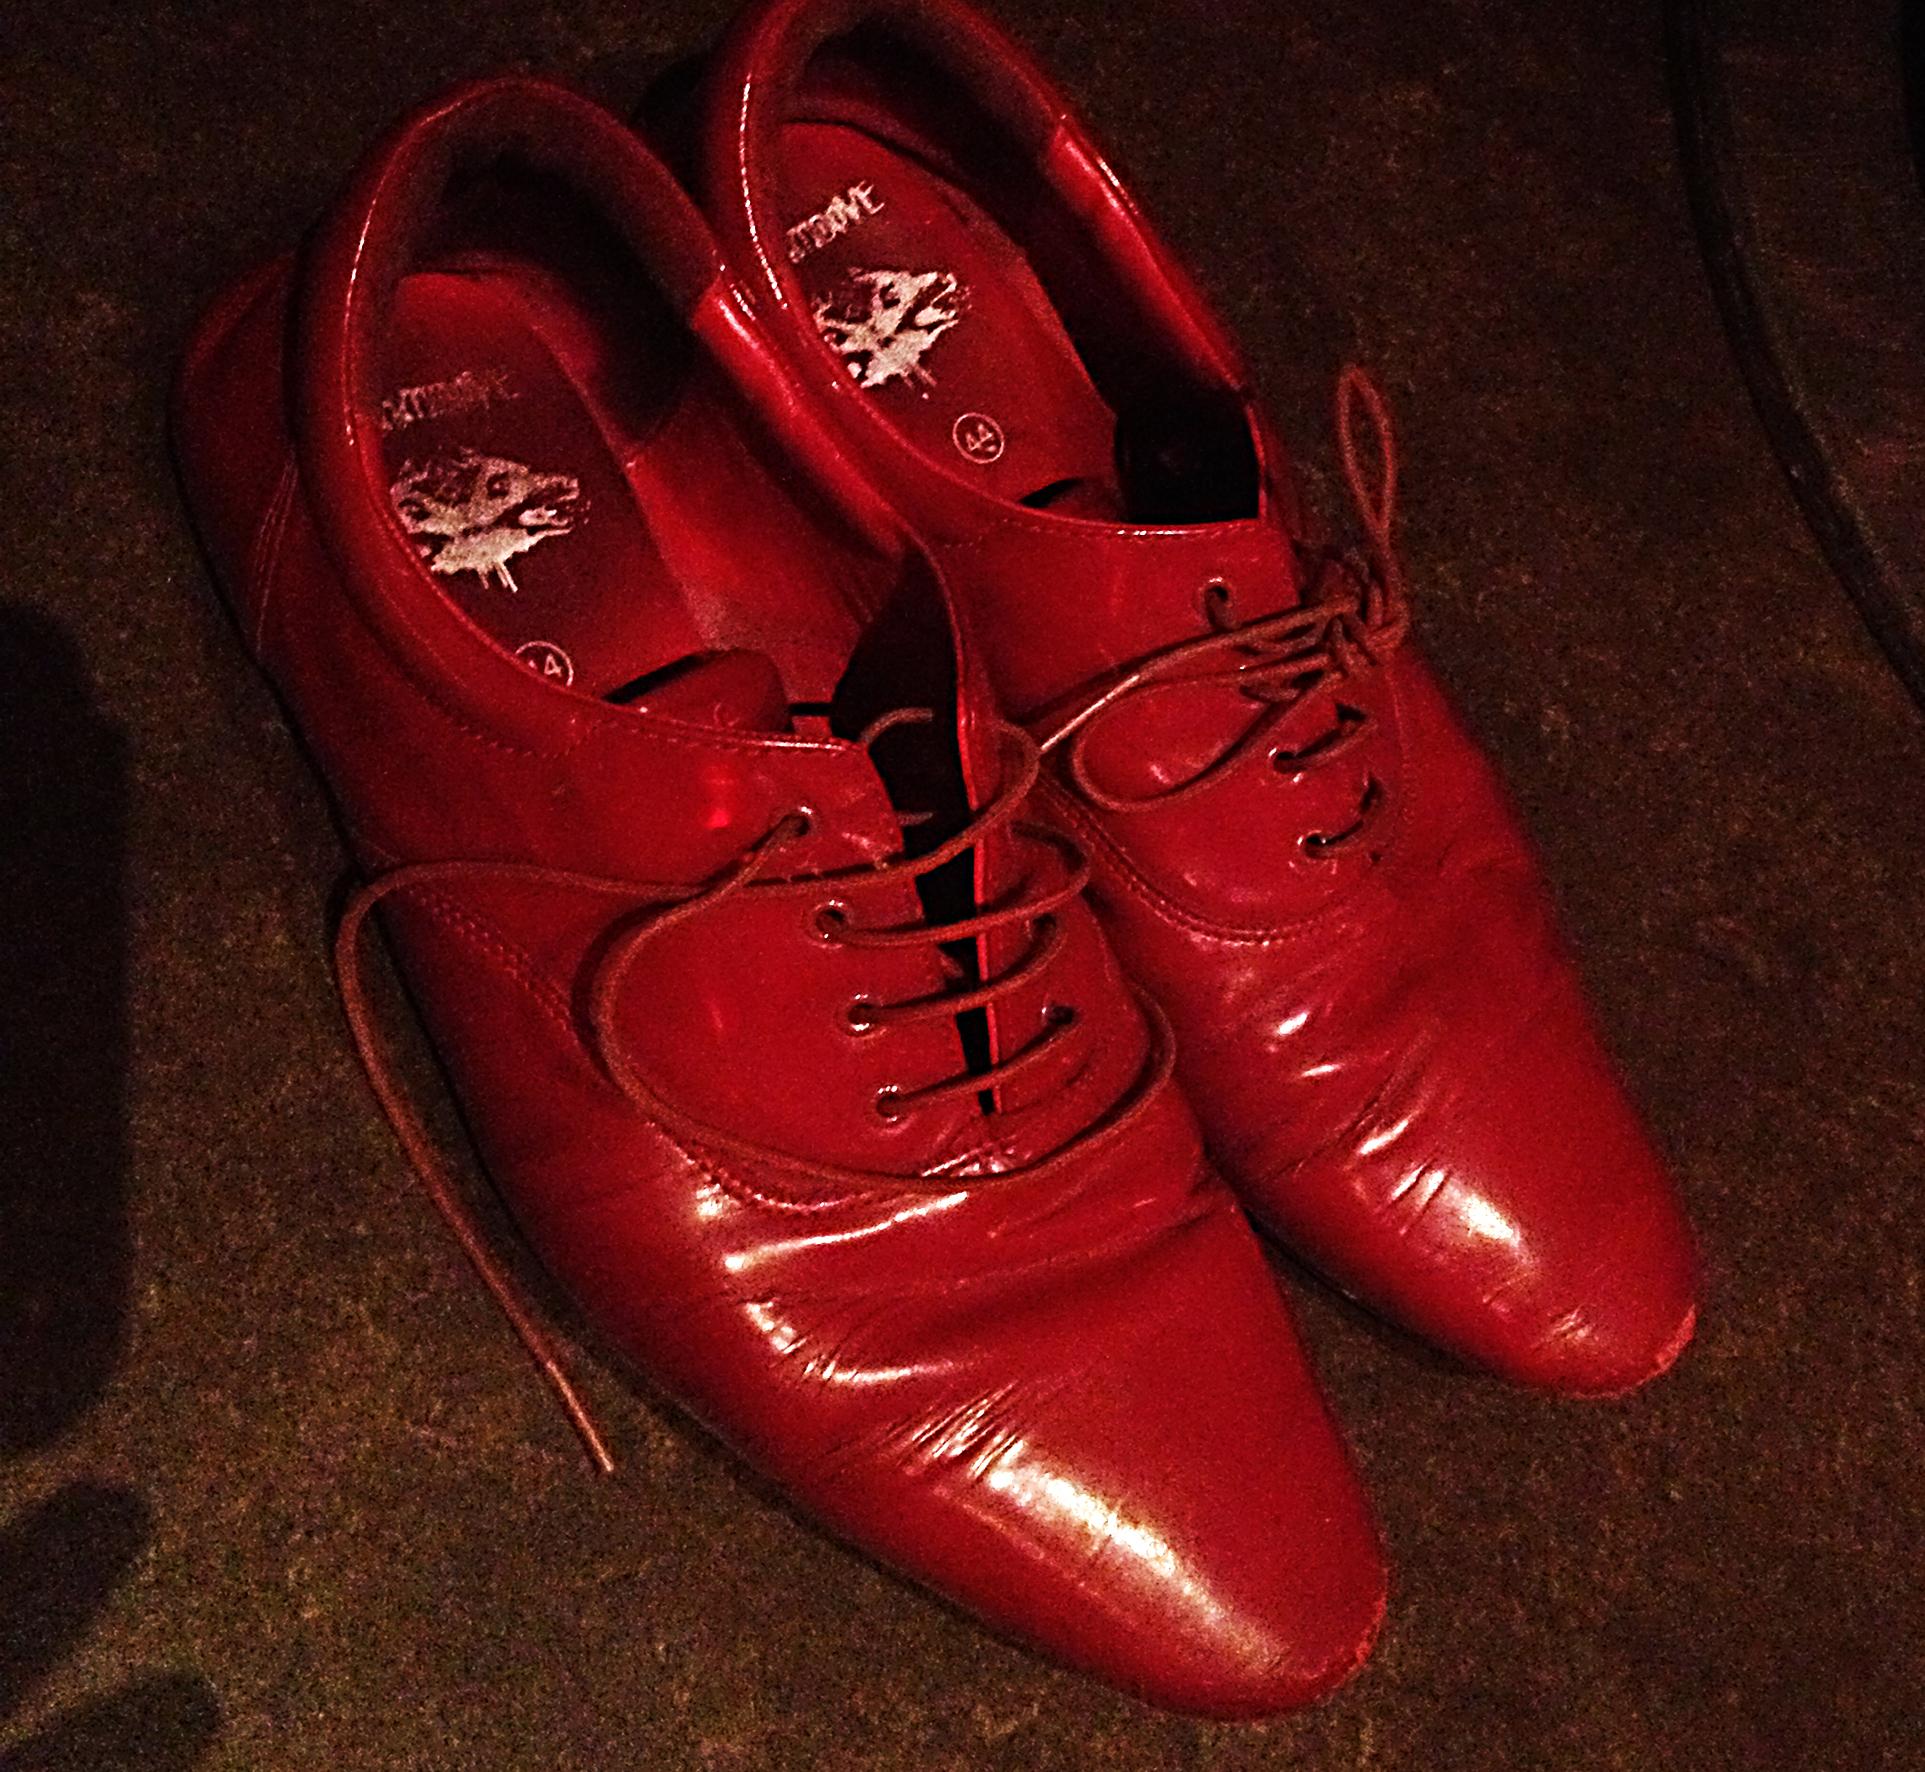 sverkers skor